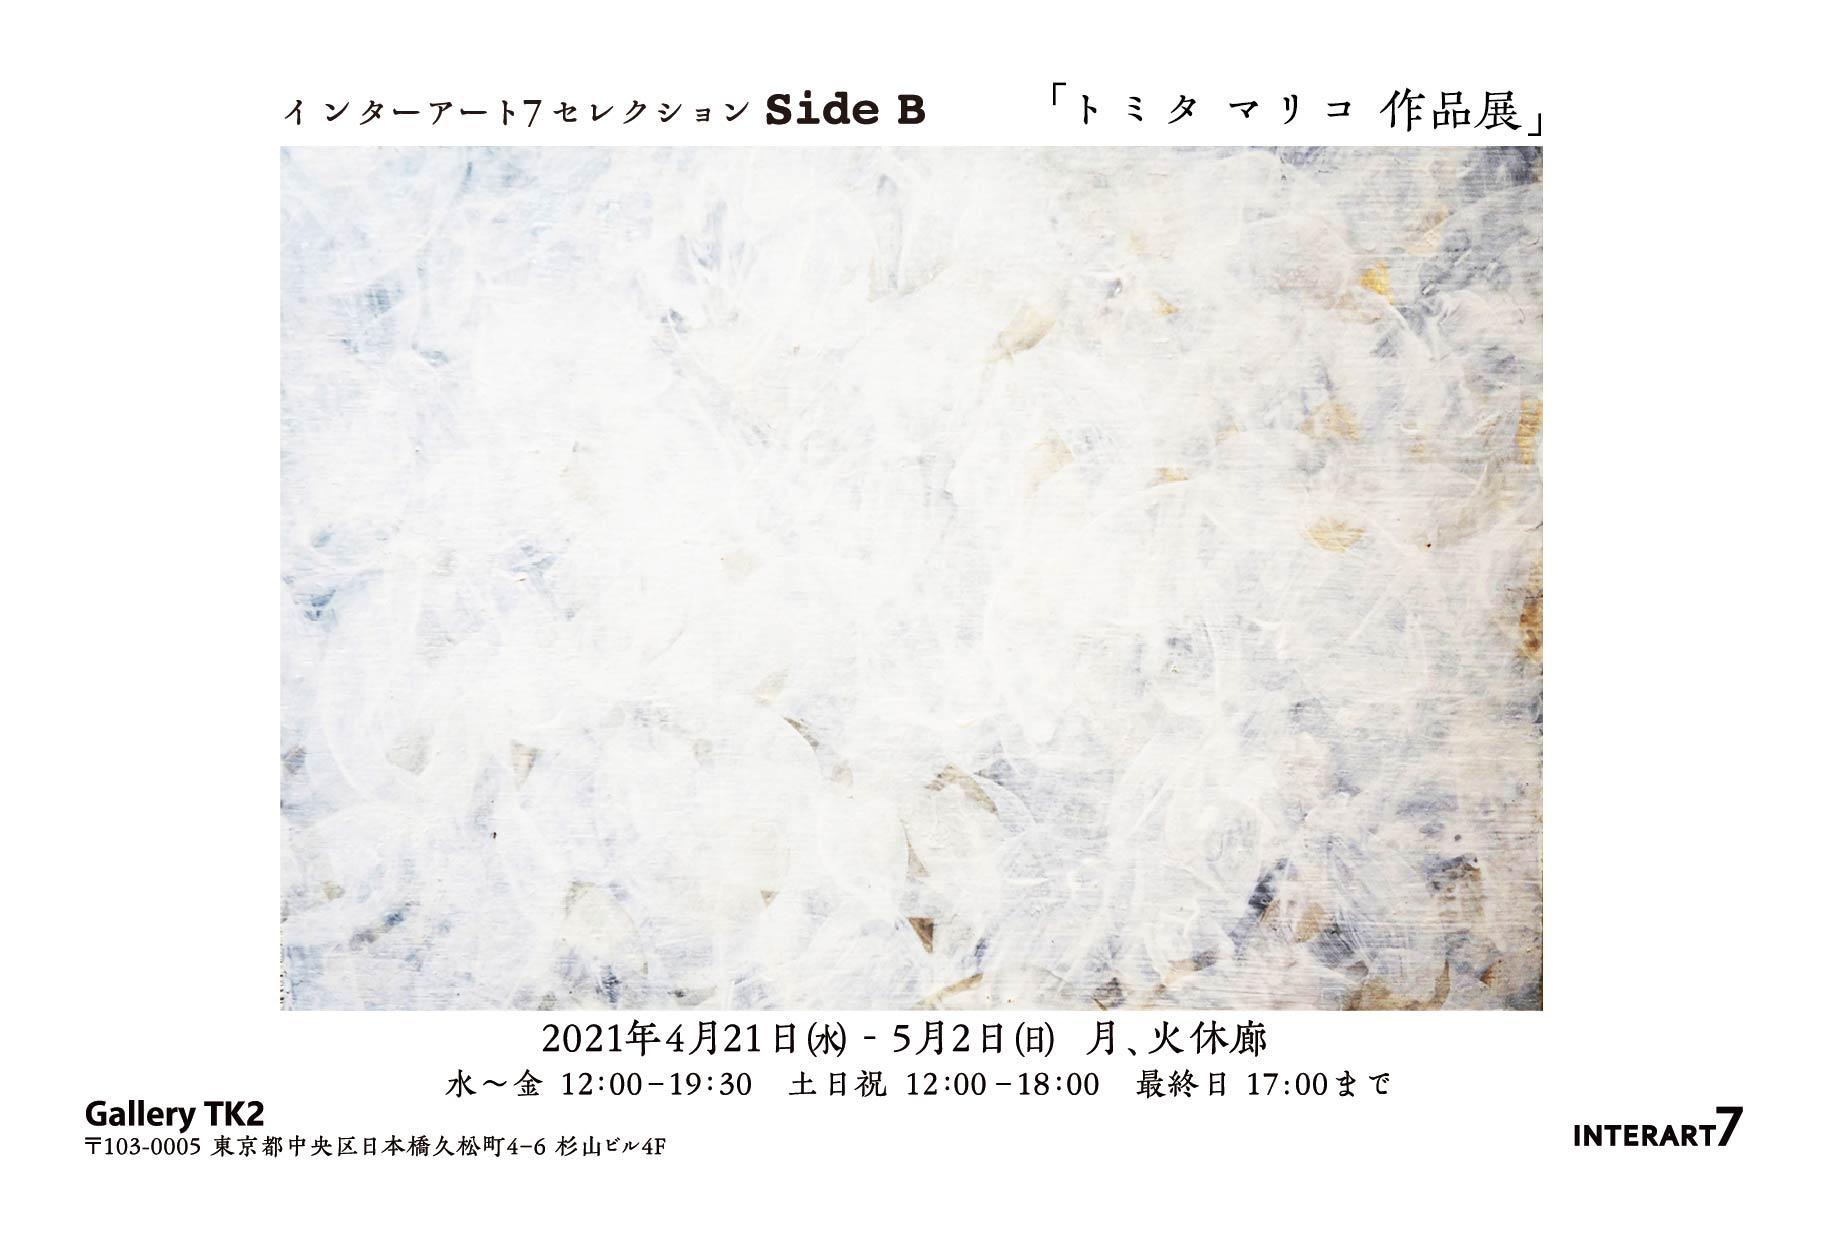 トミタ マリコ 作品展